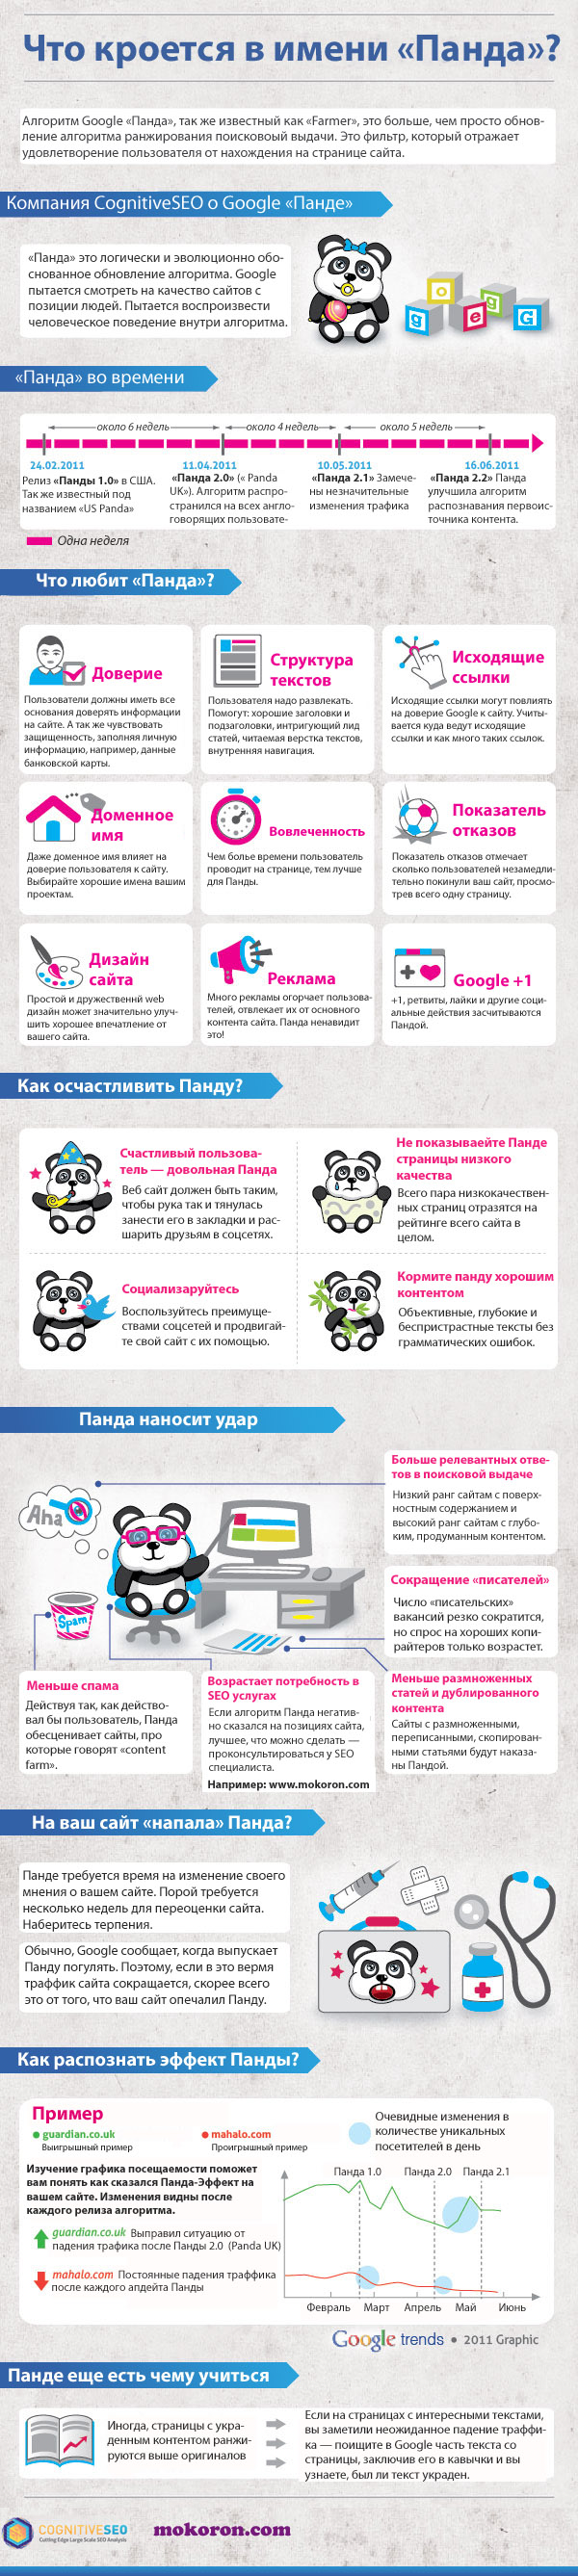 Google Panda инфографик